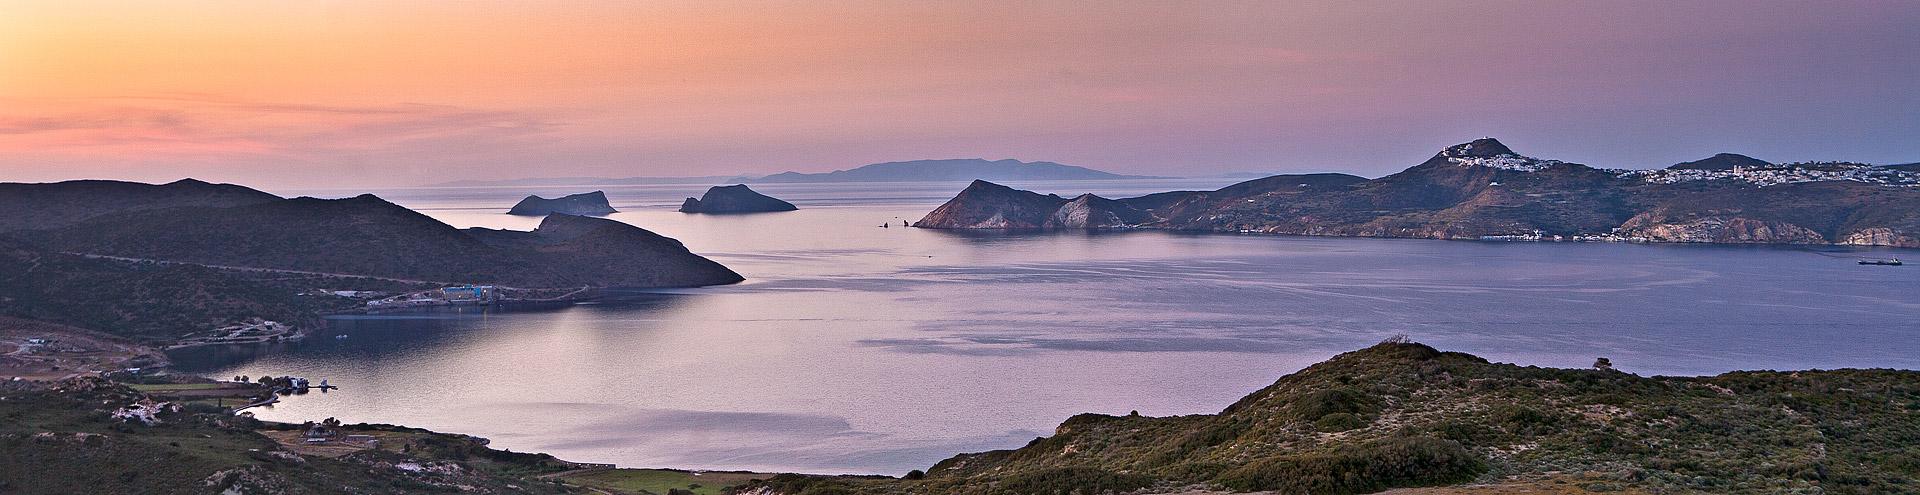 Blick in die Bucht von Milos